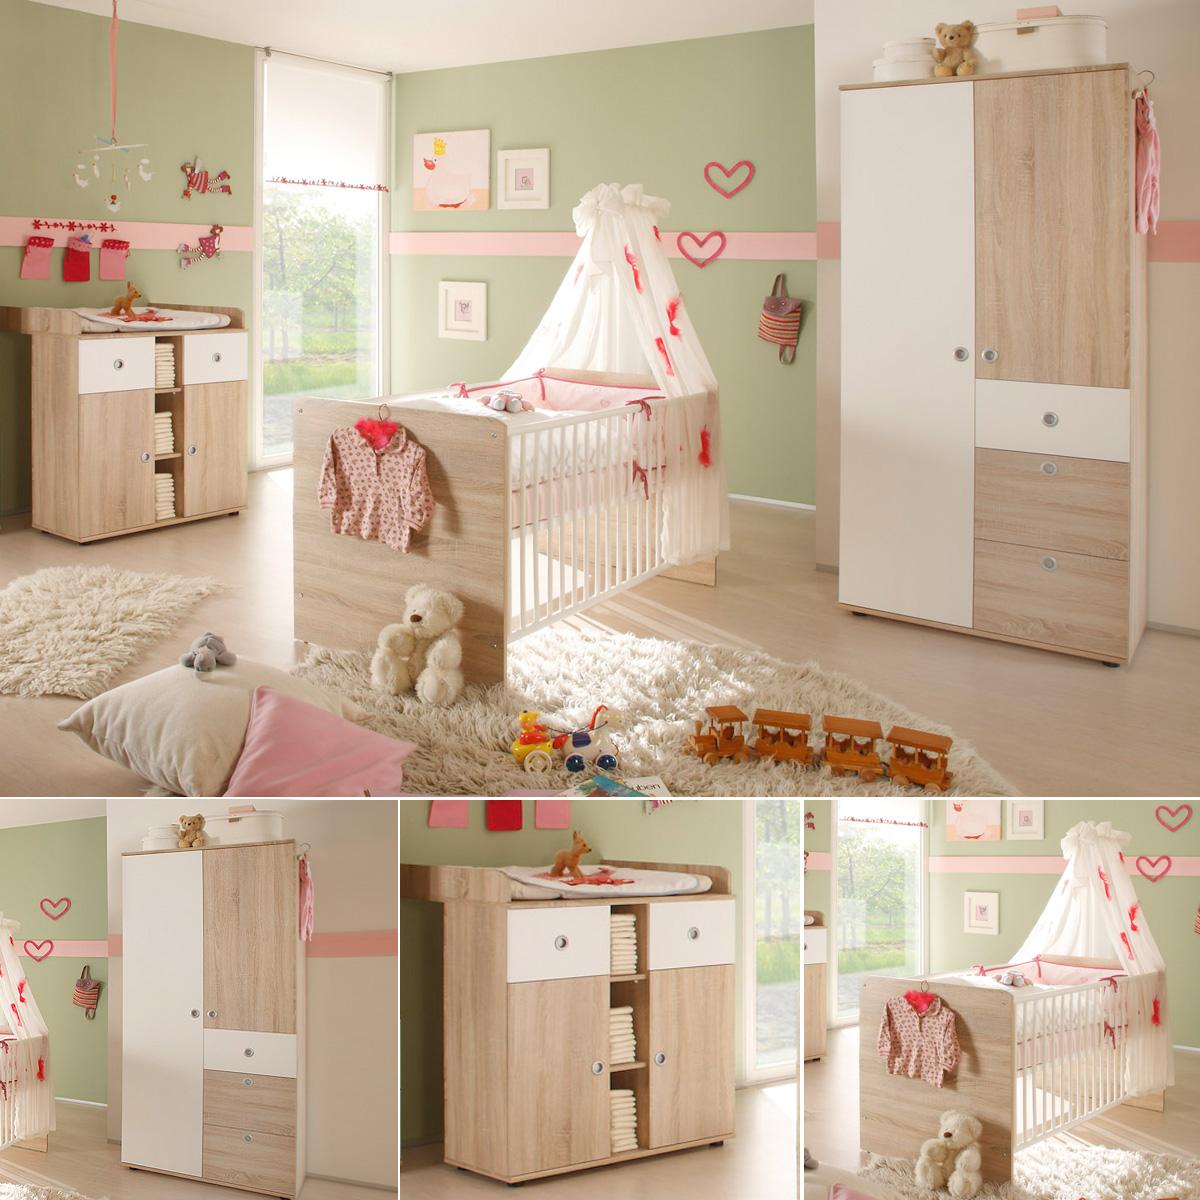 babyzimmer wellembel ideen wandelbares babybett und angenehme wellembel best milena paidi. Black Bedroom Furniture Sets. Home Design Ideas